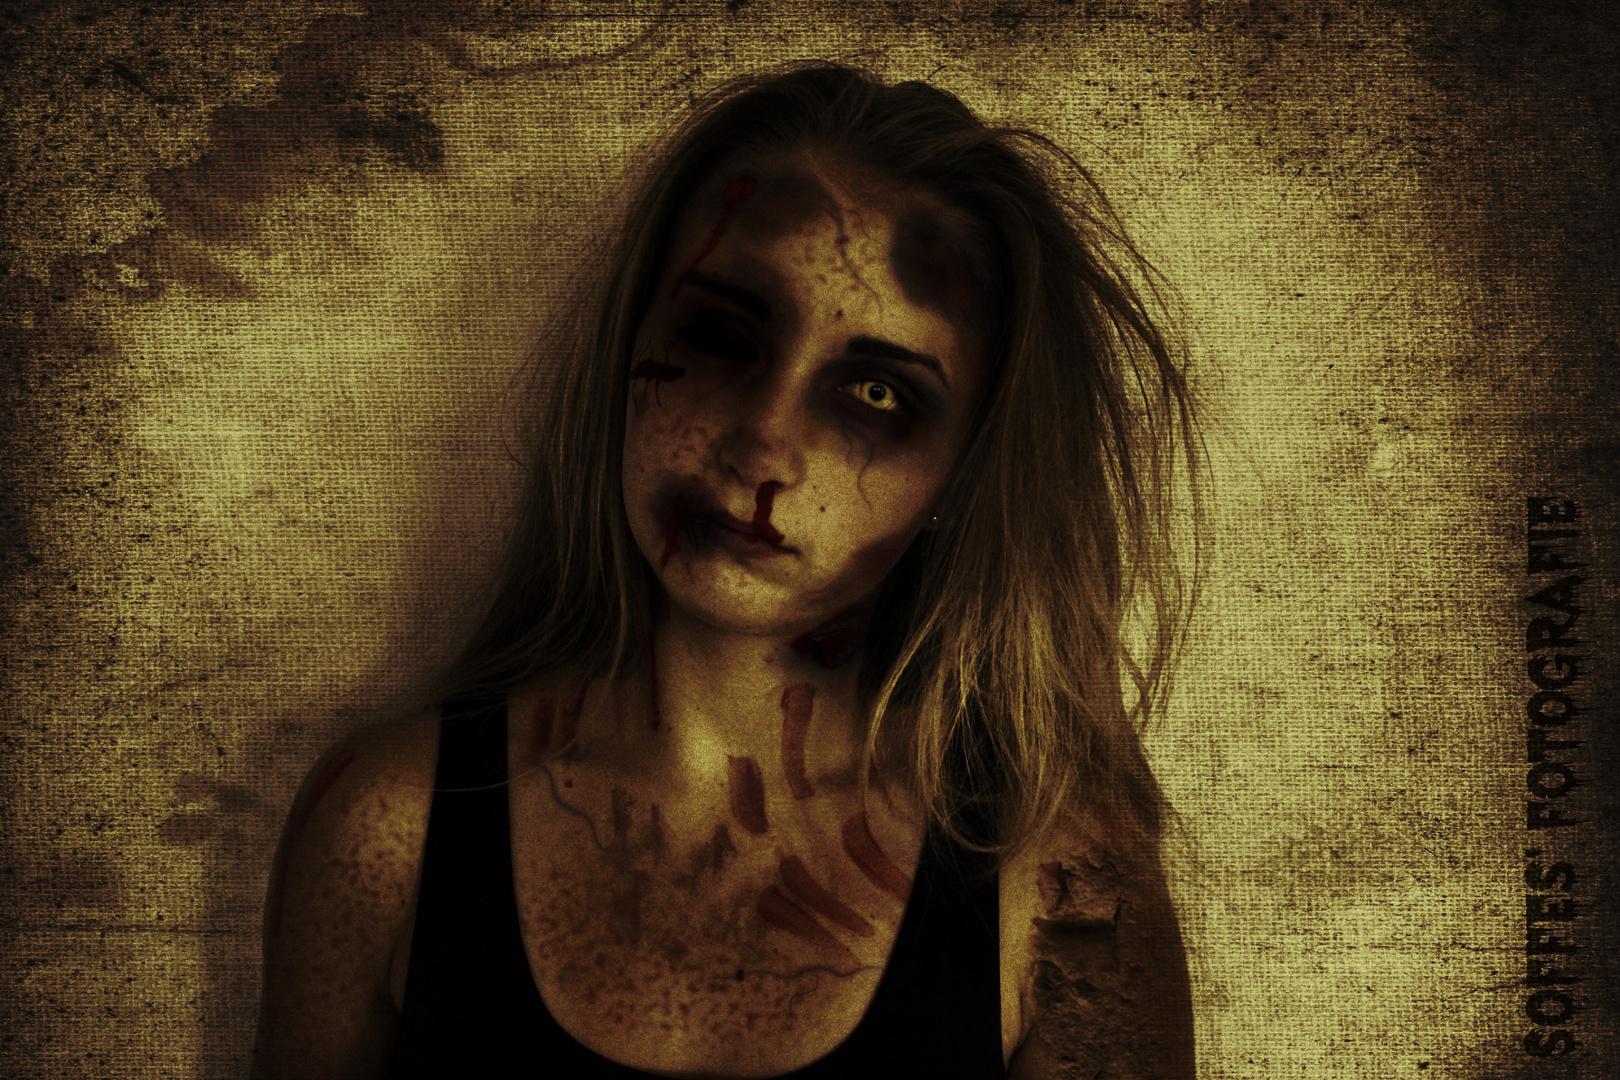 Zombie,